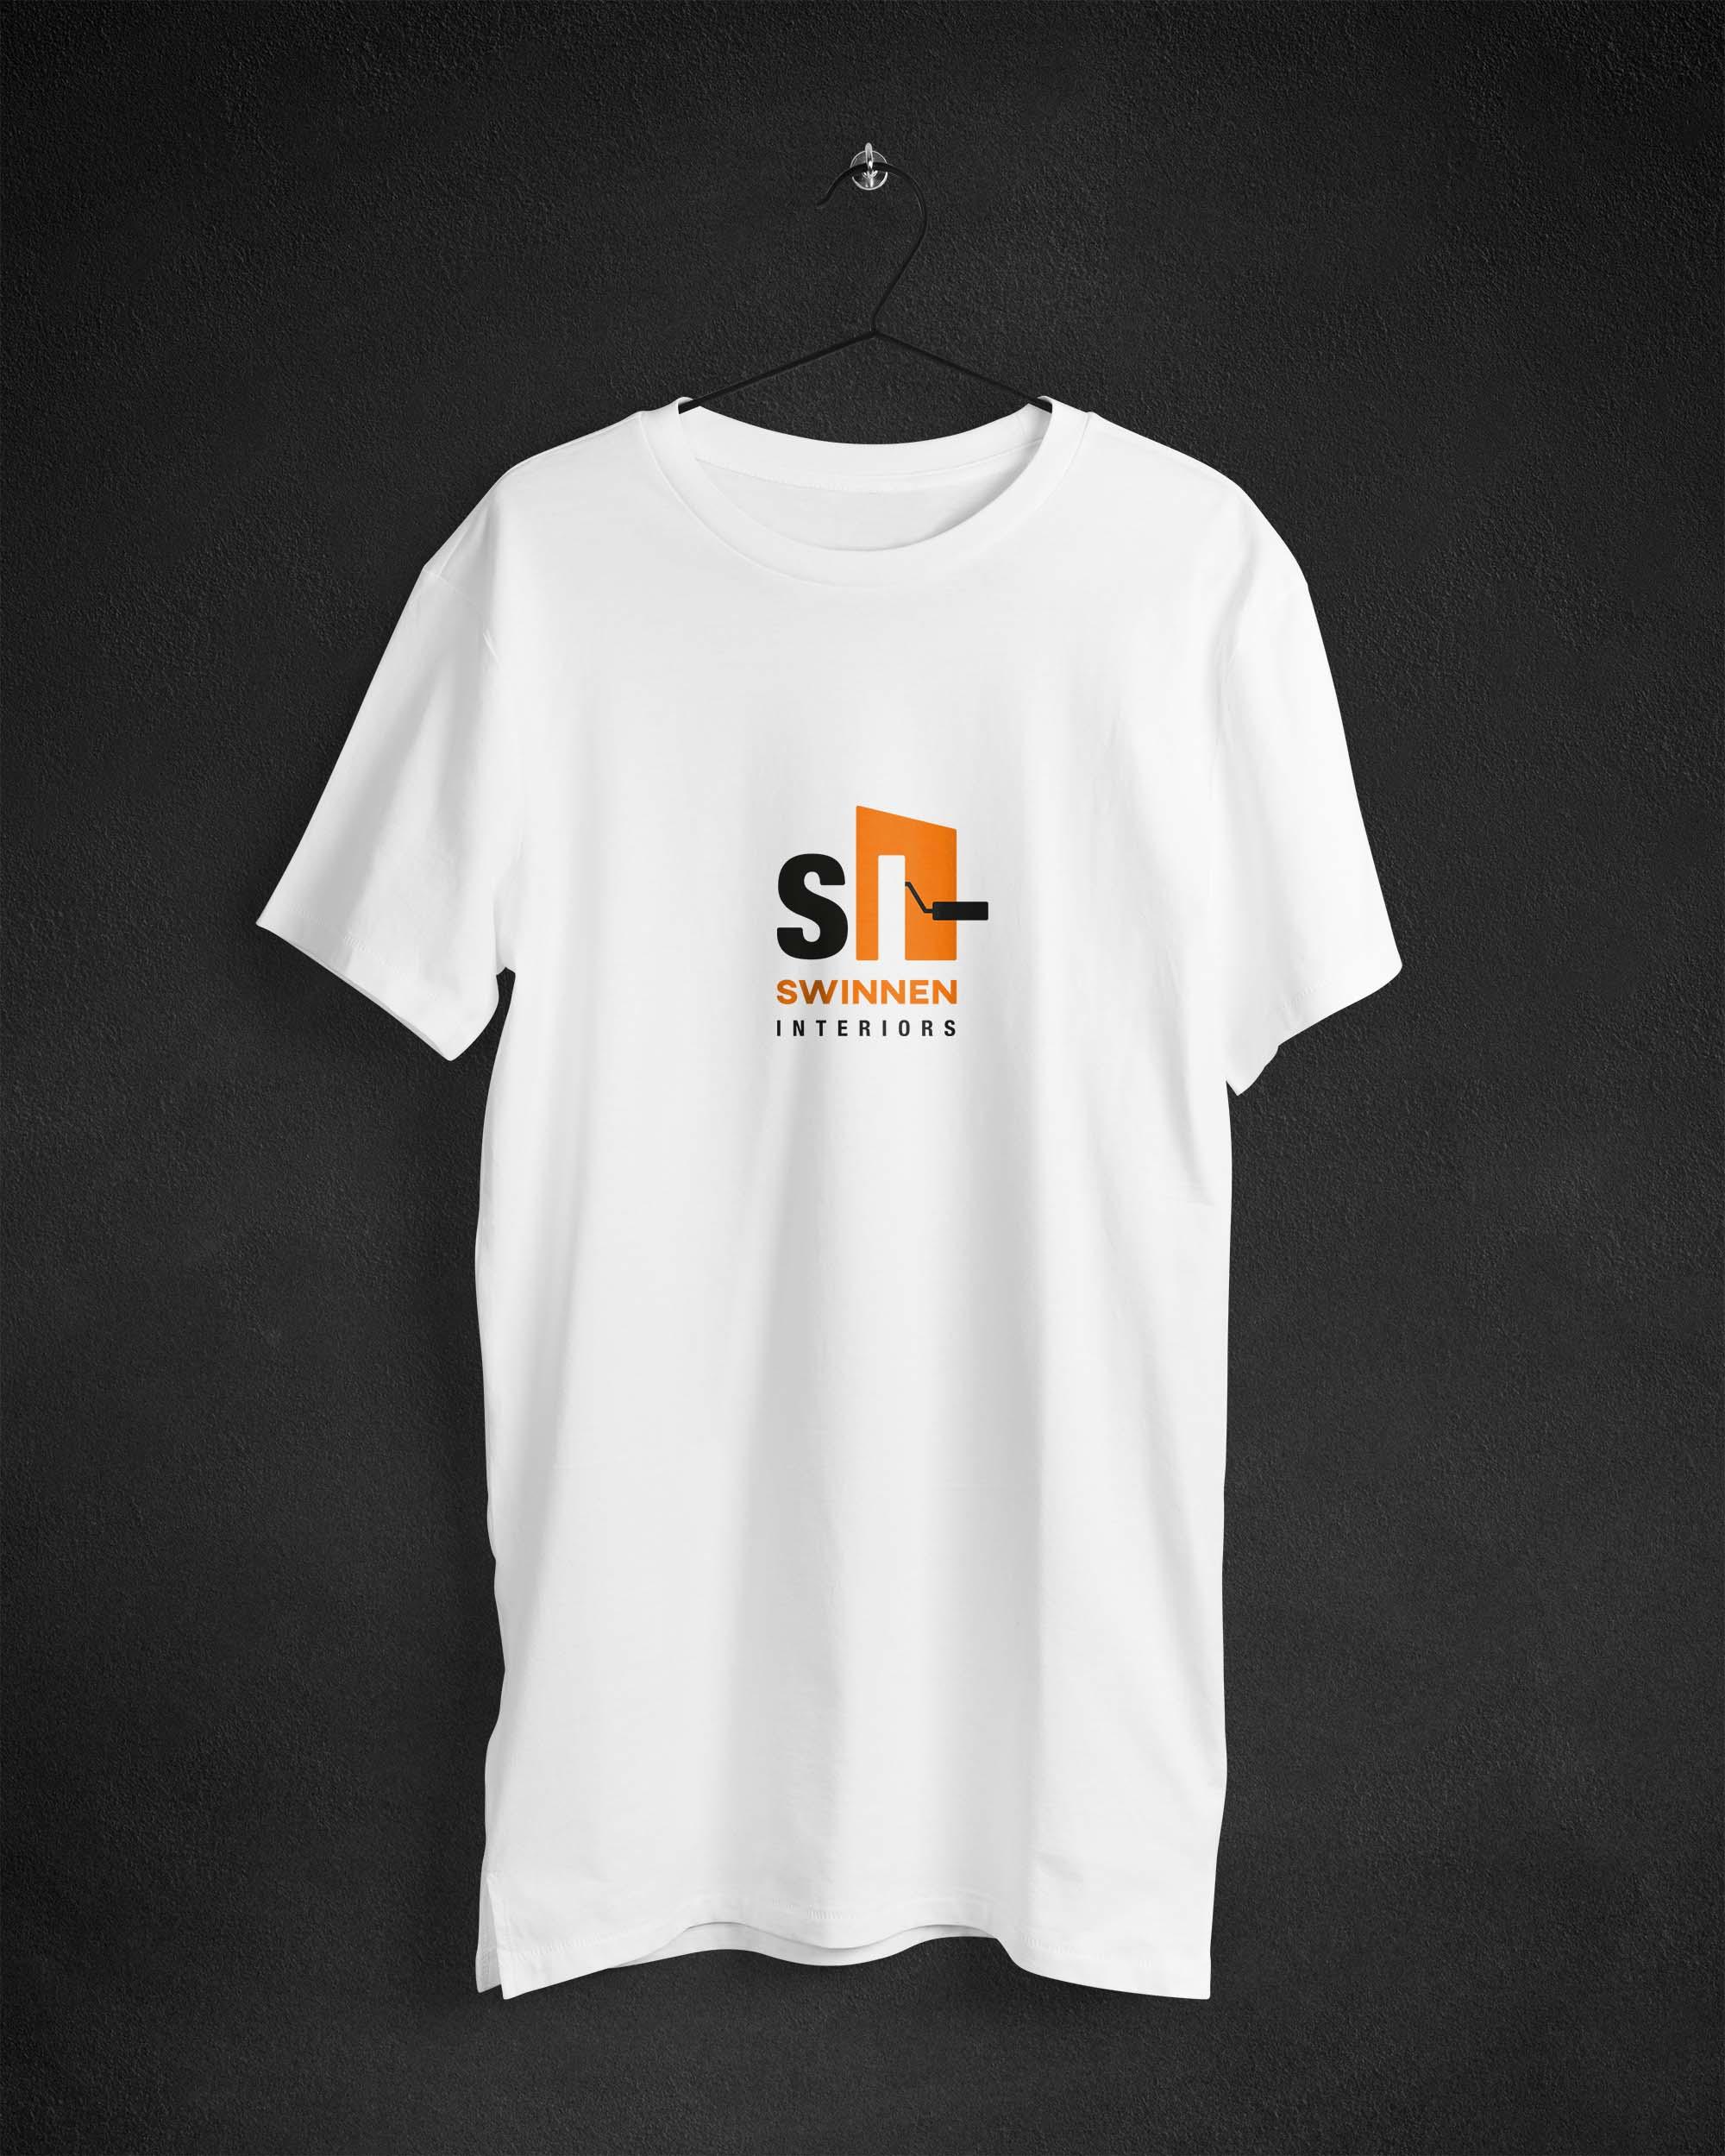 t-shirt design logo Swinnen Interiors